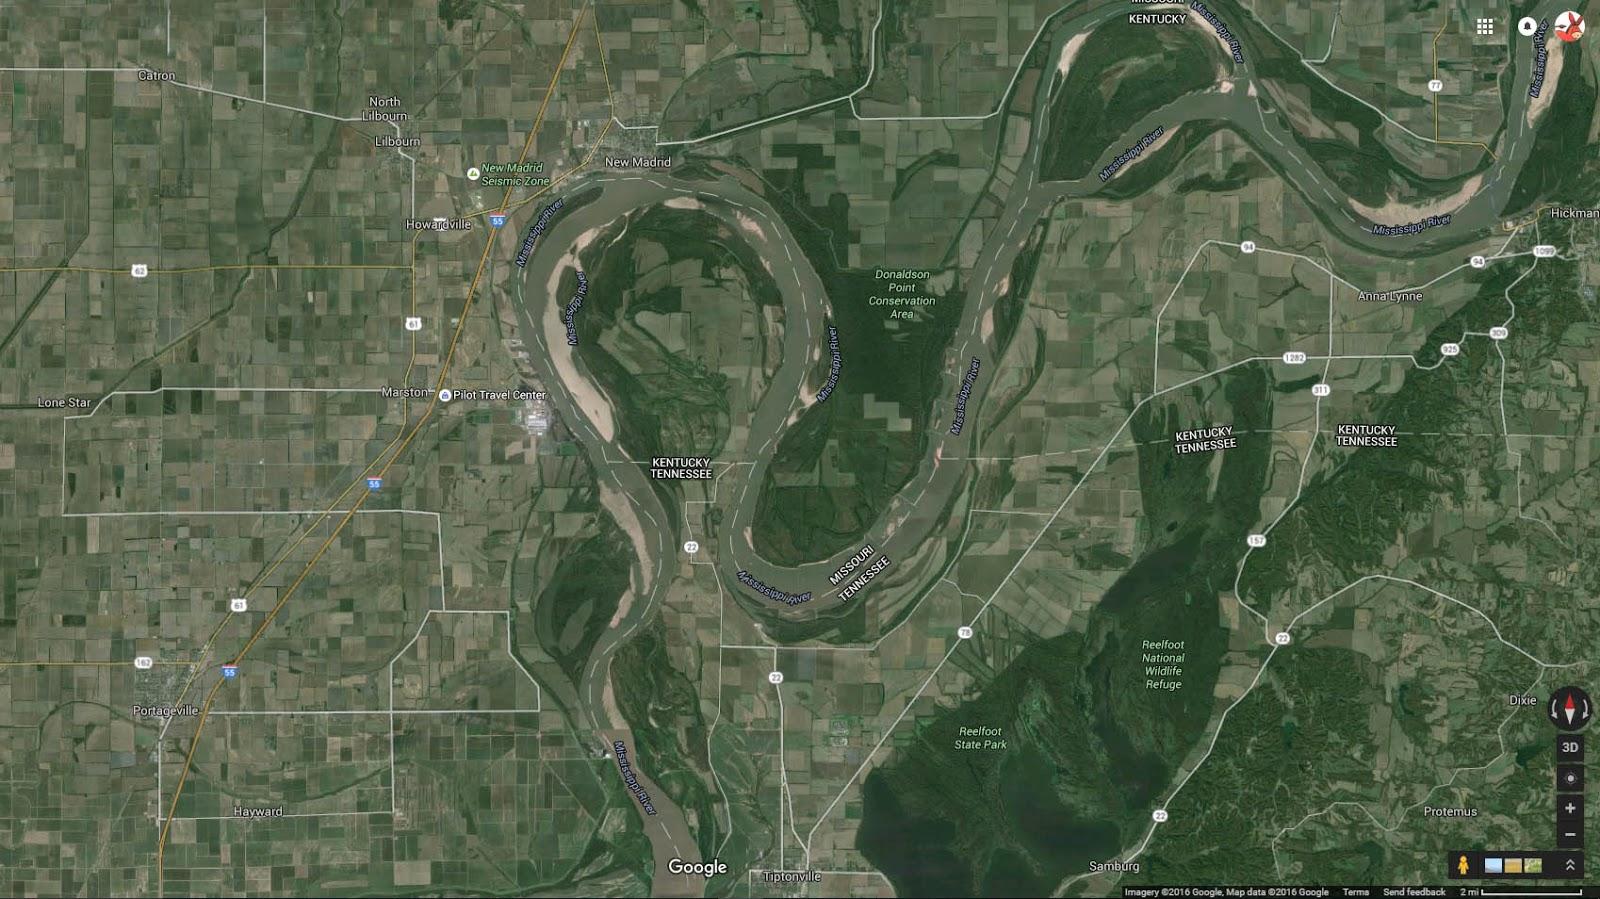 Ohio County Kentucky History Kentucky Bend